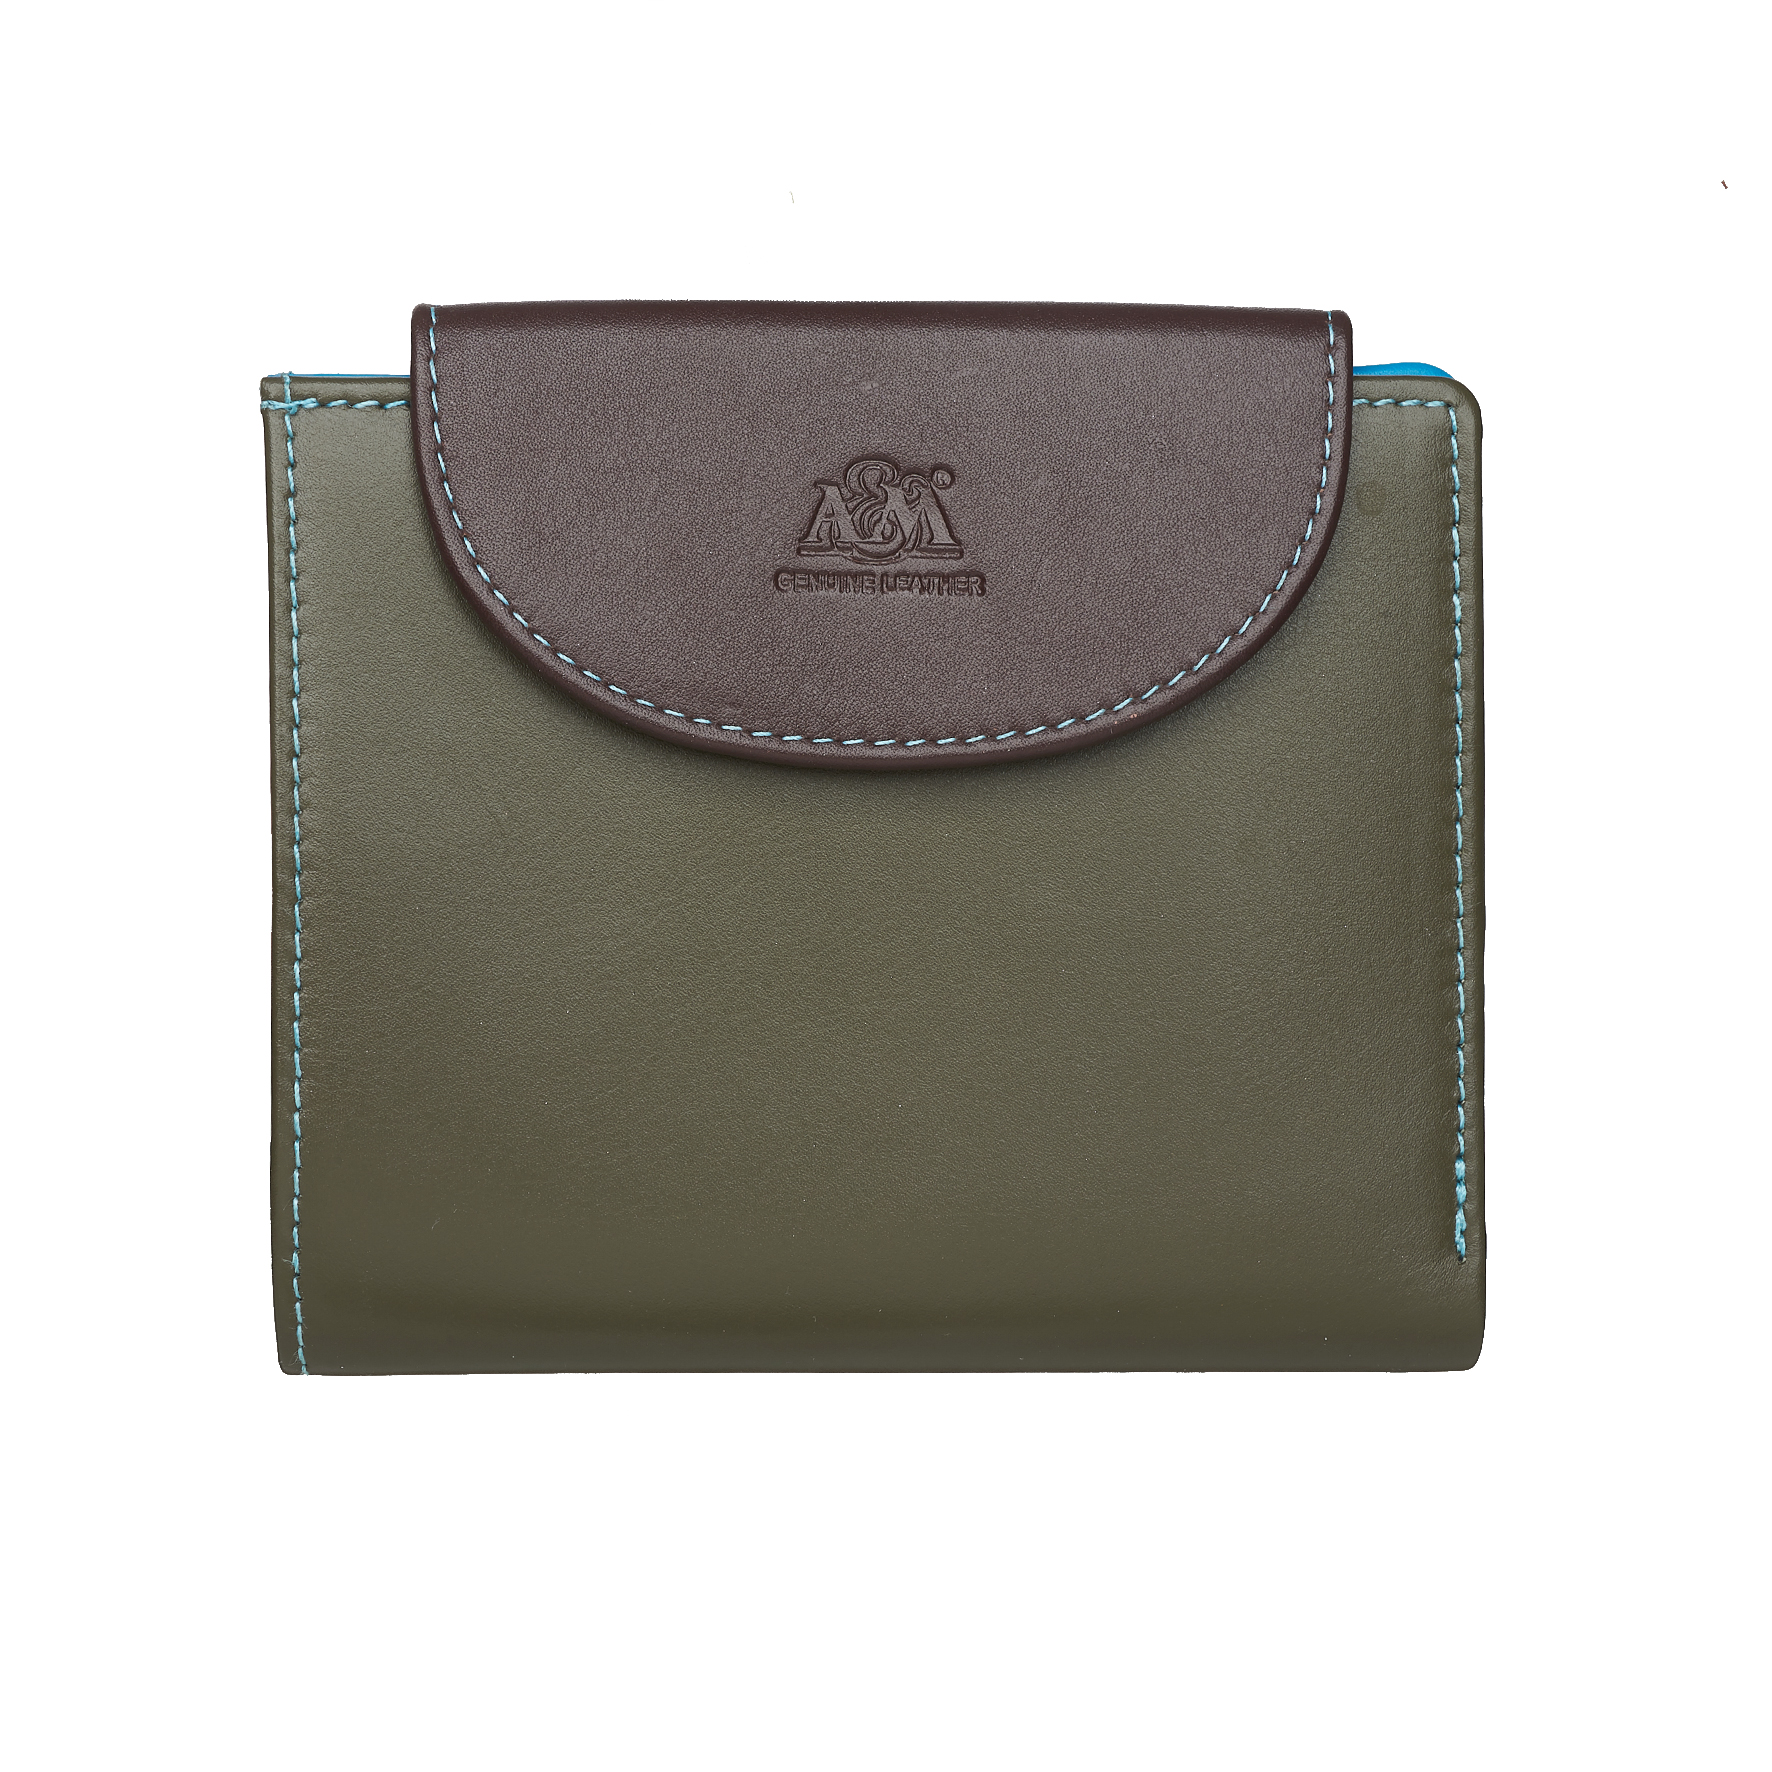 Портмоне A&M женское, 2702multi, оранжевый, голубой, коричневый, зеленый, оранжевый